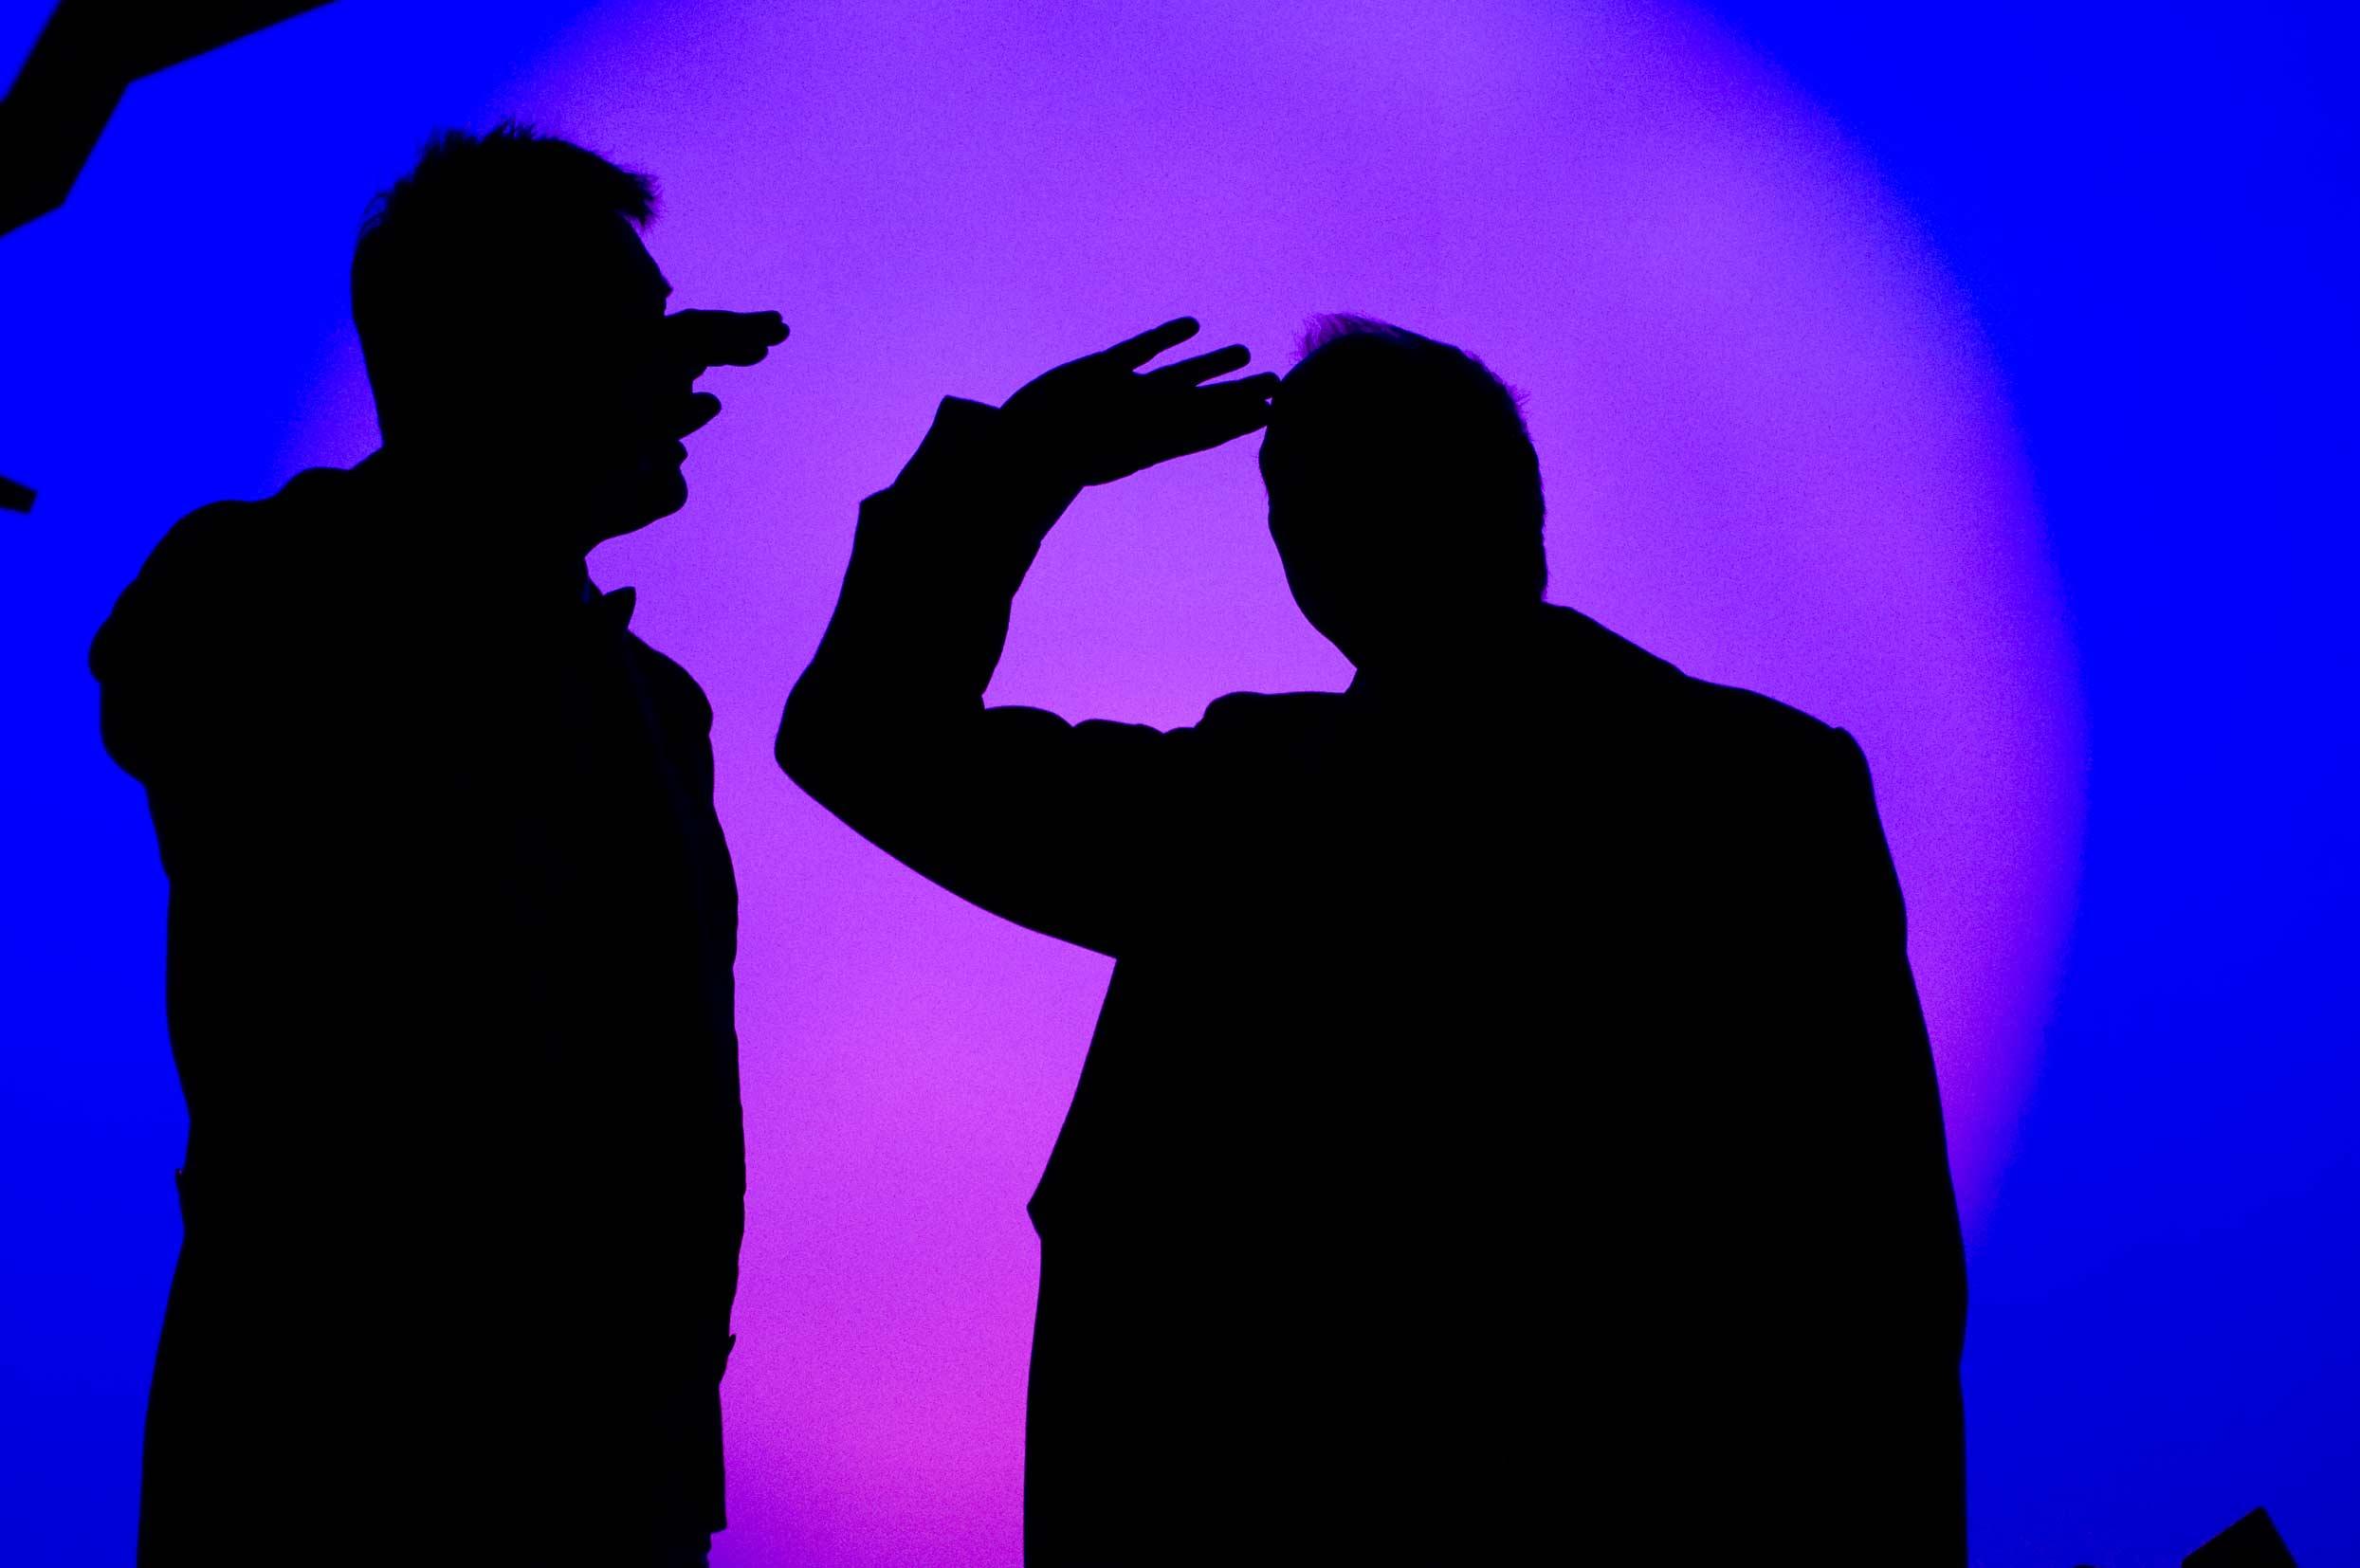 diablogues4fk- théâtre lumière